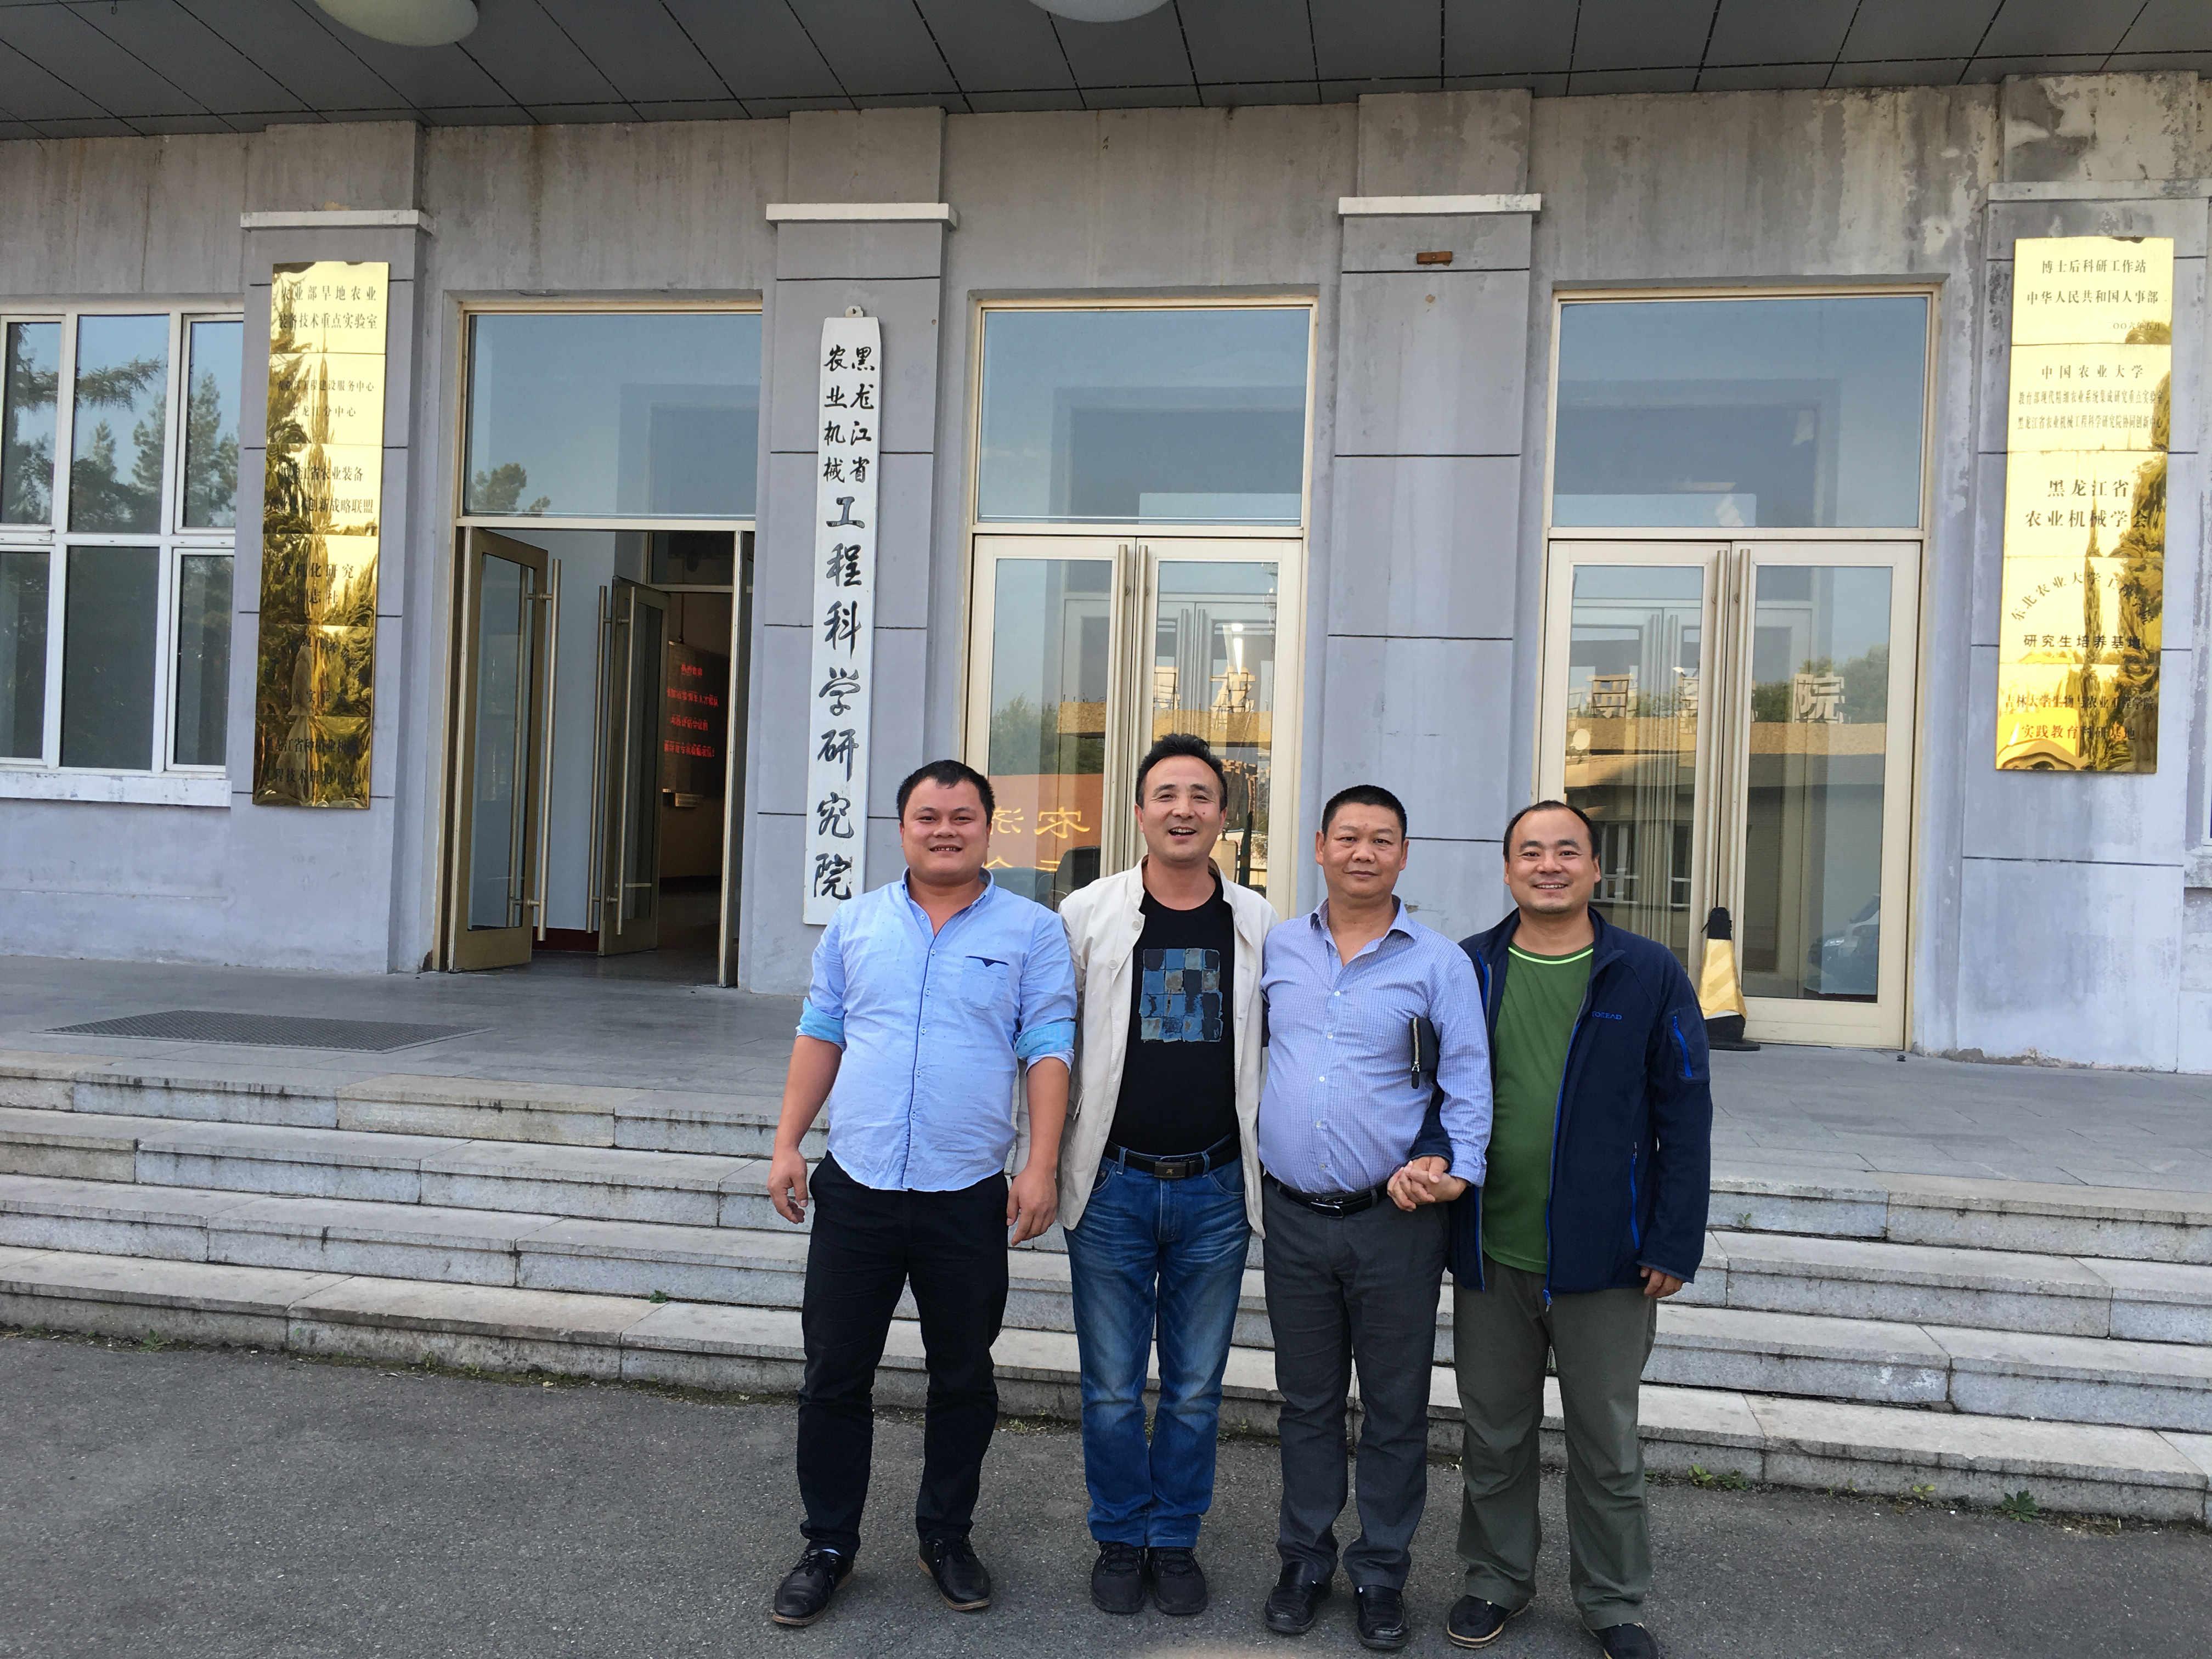 黑龙江农机研究所秸秆育秧盘项目拜访客户